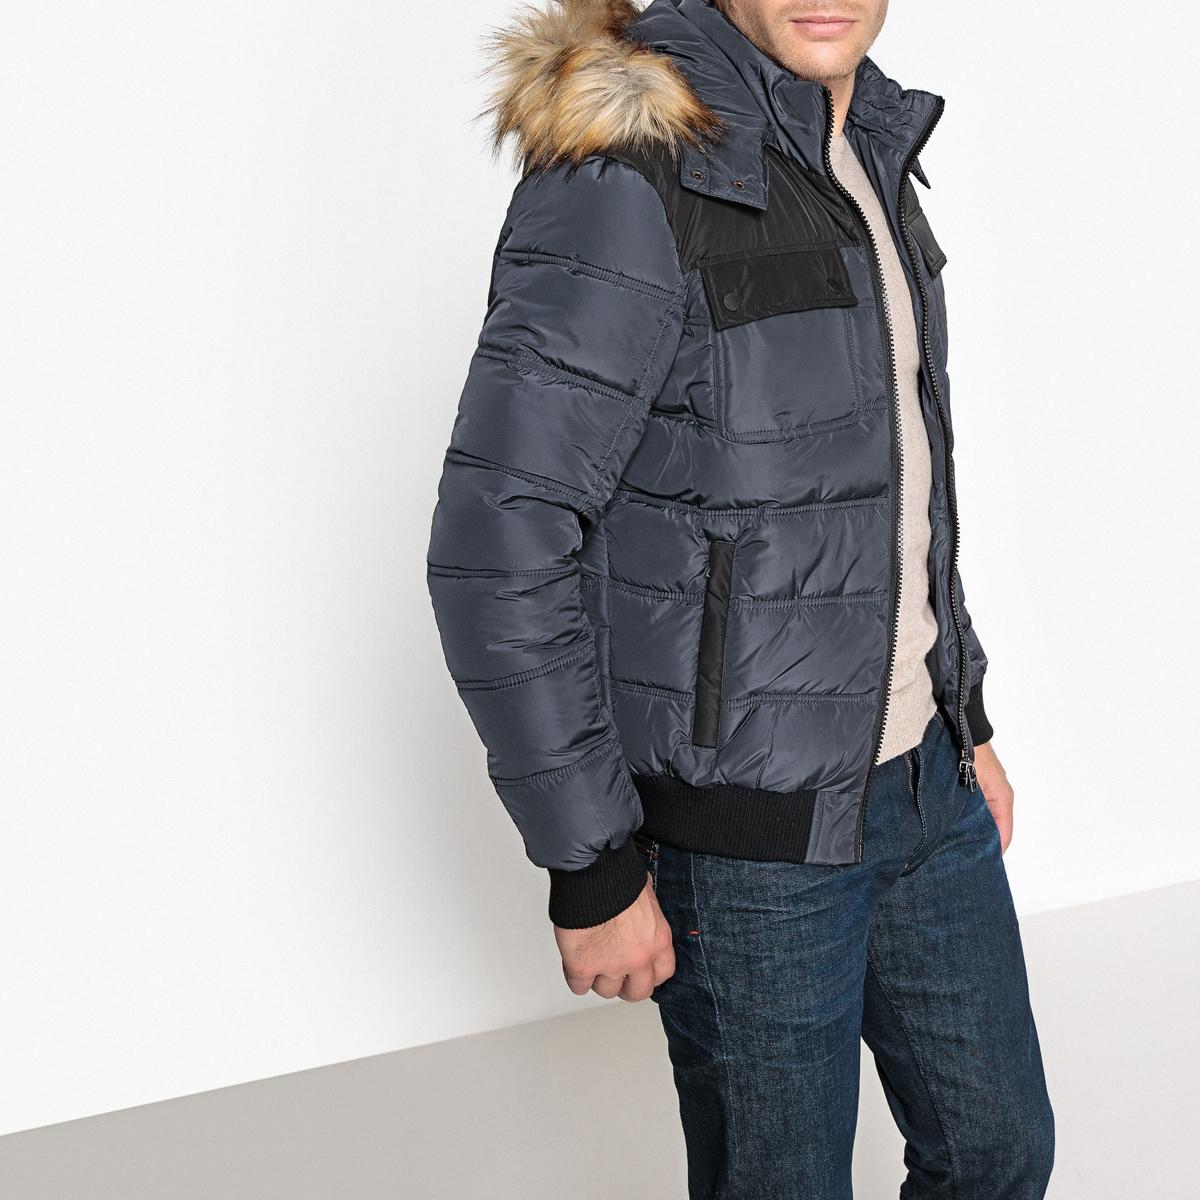 Куртка стеганая с капюшономОписание:Детали •  Длина : укороченная   •  Воротник-стойка •  Застежка на молнию •  С капюшоном Состав и уход •  100% полиэстер  •  Следуйте советам по уходу, указанным на этикетке<br><br>Цвет: серый,черный<br>Размер: M.XL